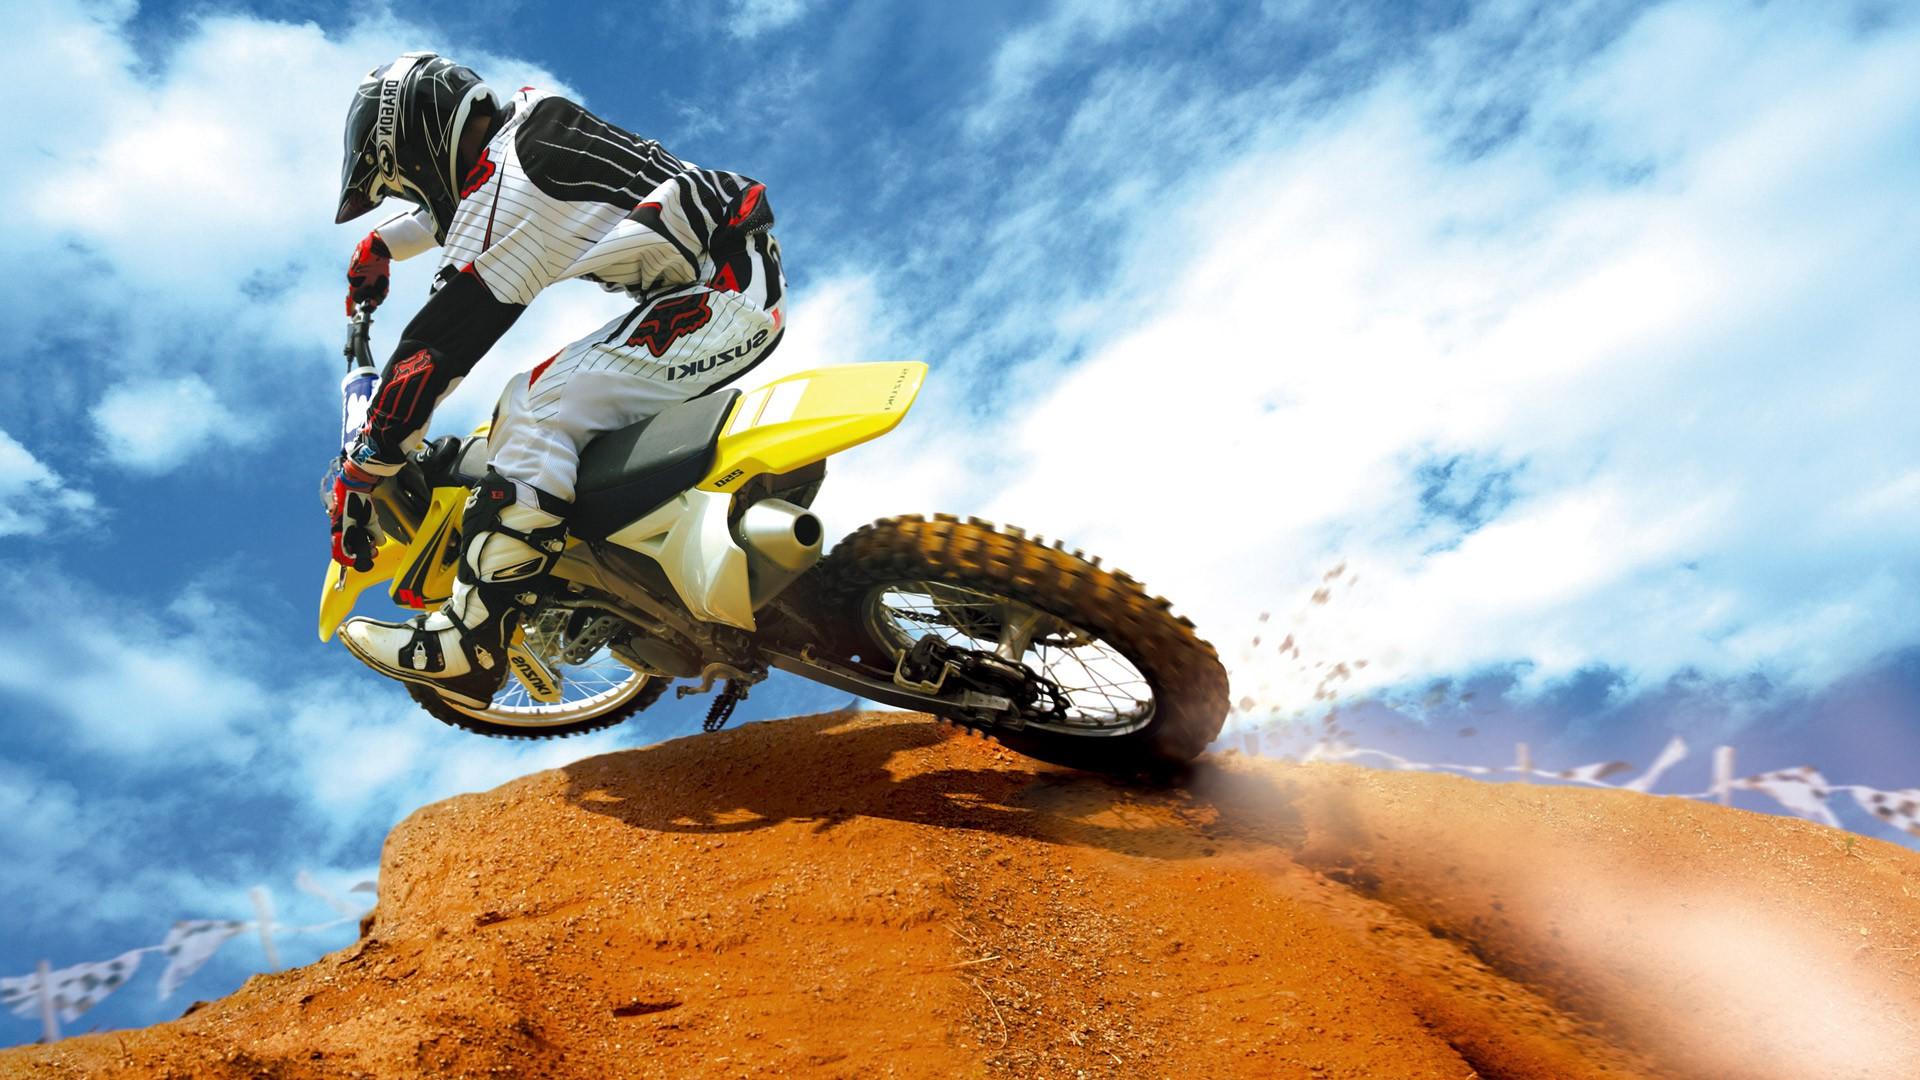 Free Dirt Bike HD Backgrounds | PixelsTalk Net